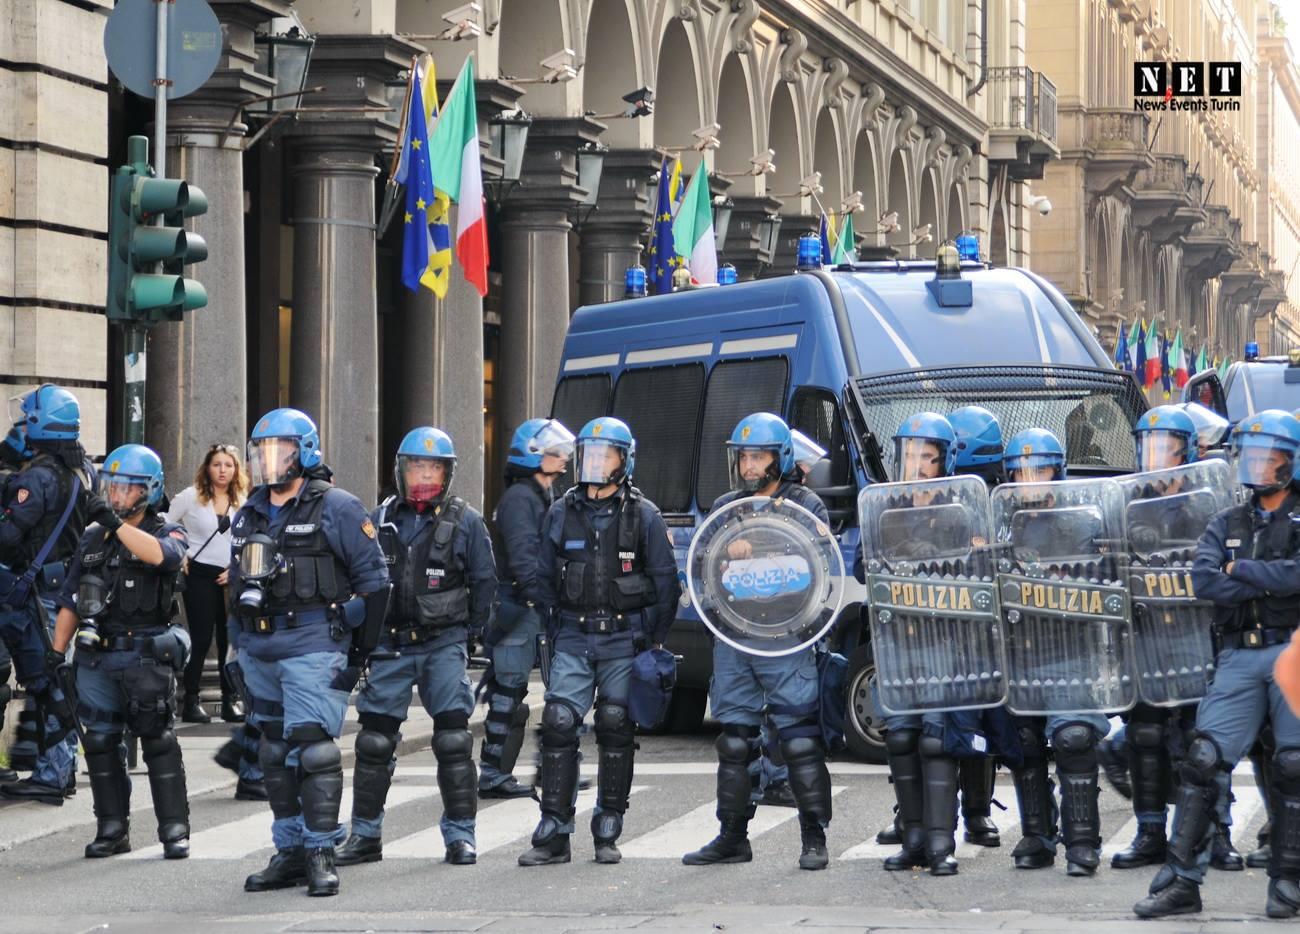 Европейский саммит Италия, столкновения с полицией в Турине.